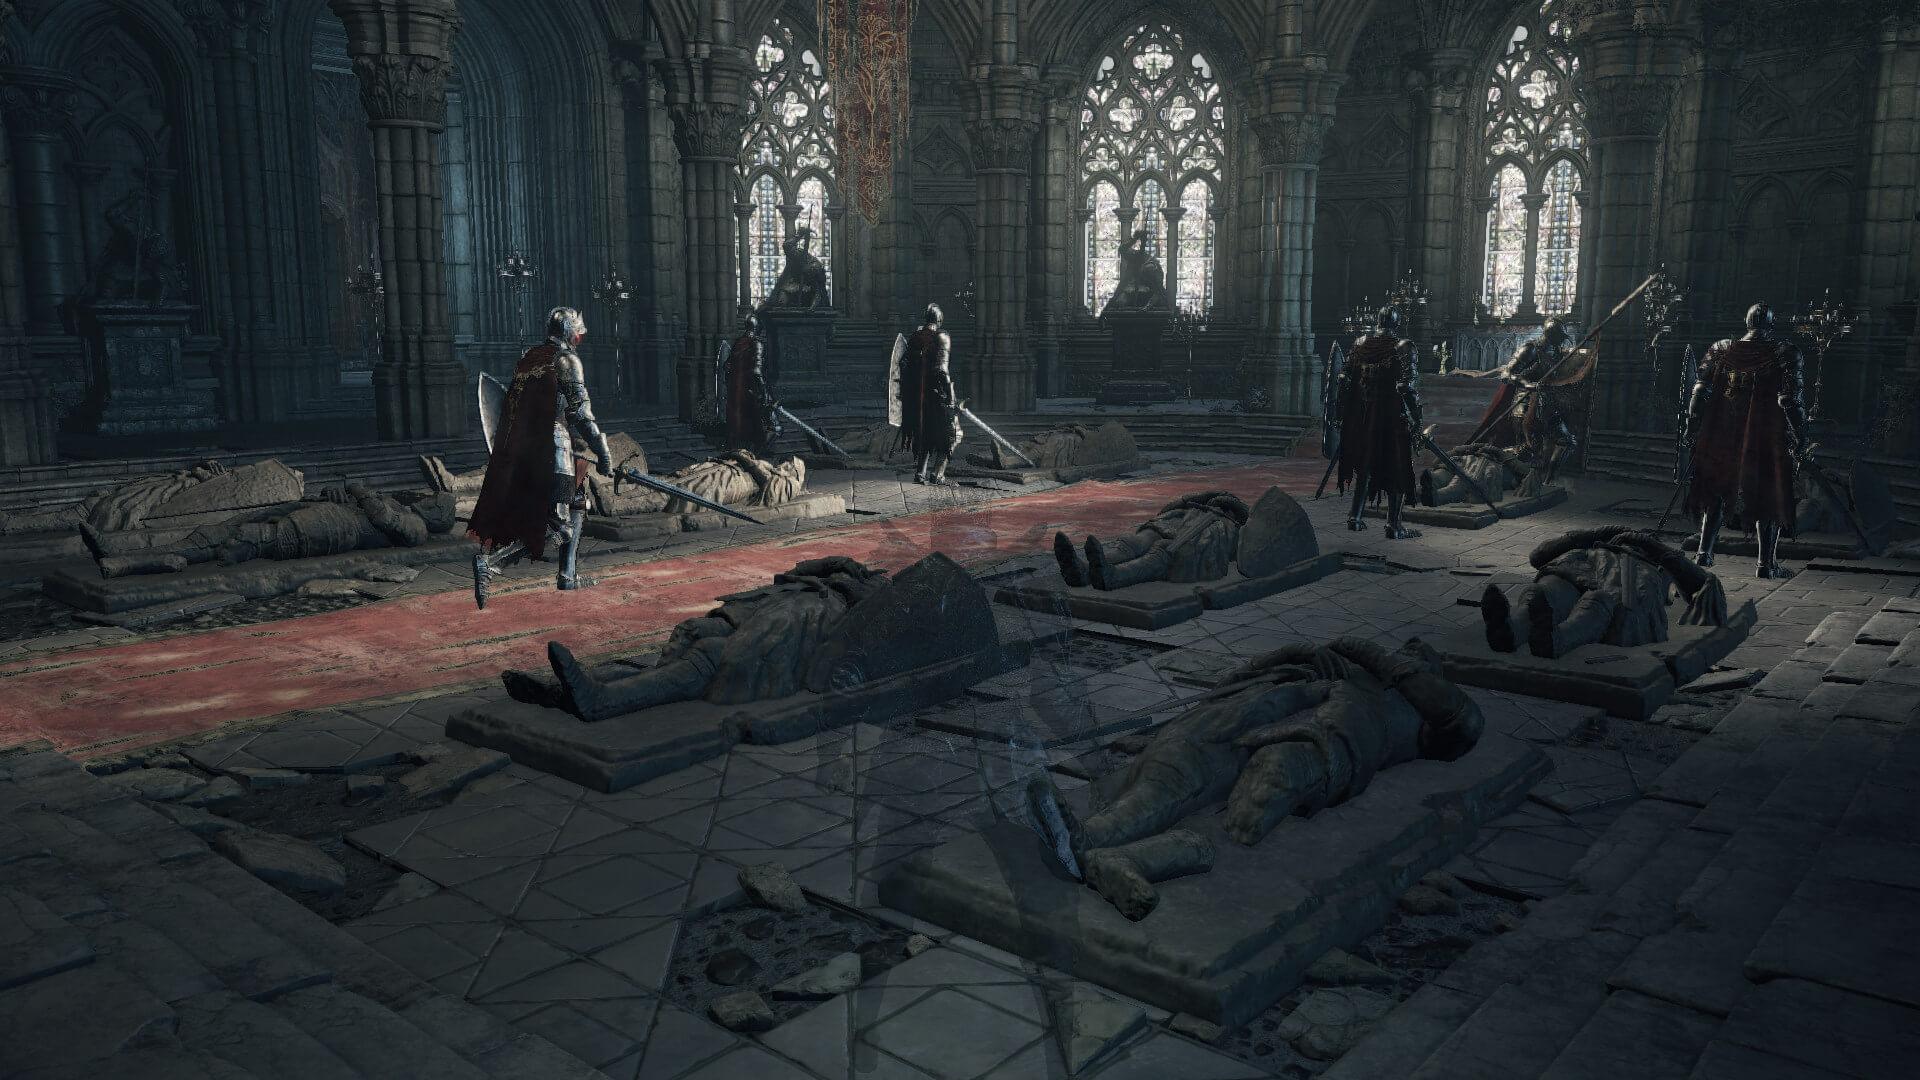 《黑暗之魂3》6GB mod发布 增加免费内容与游戏难度